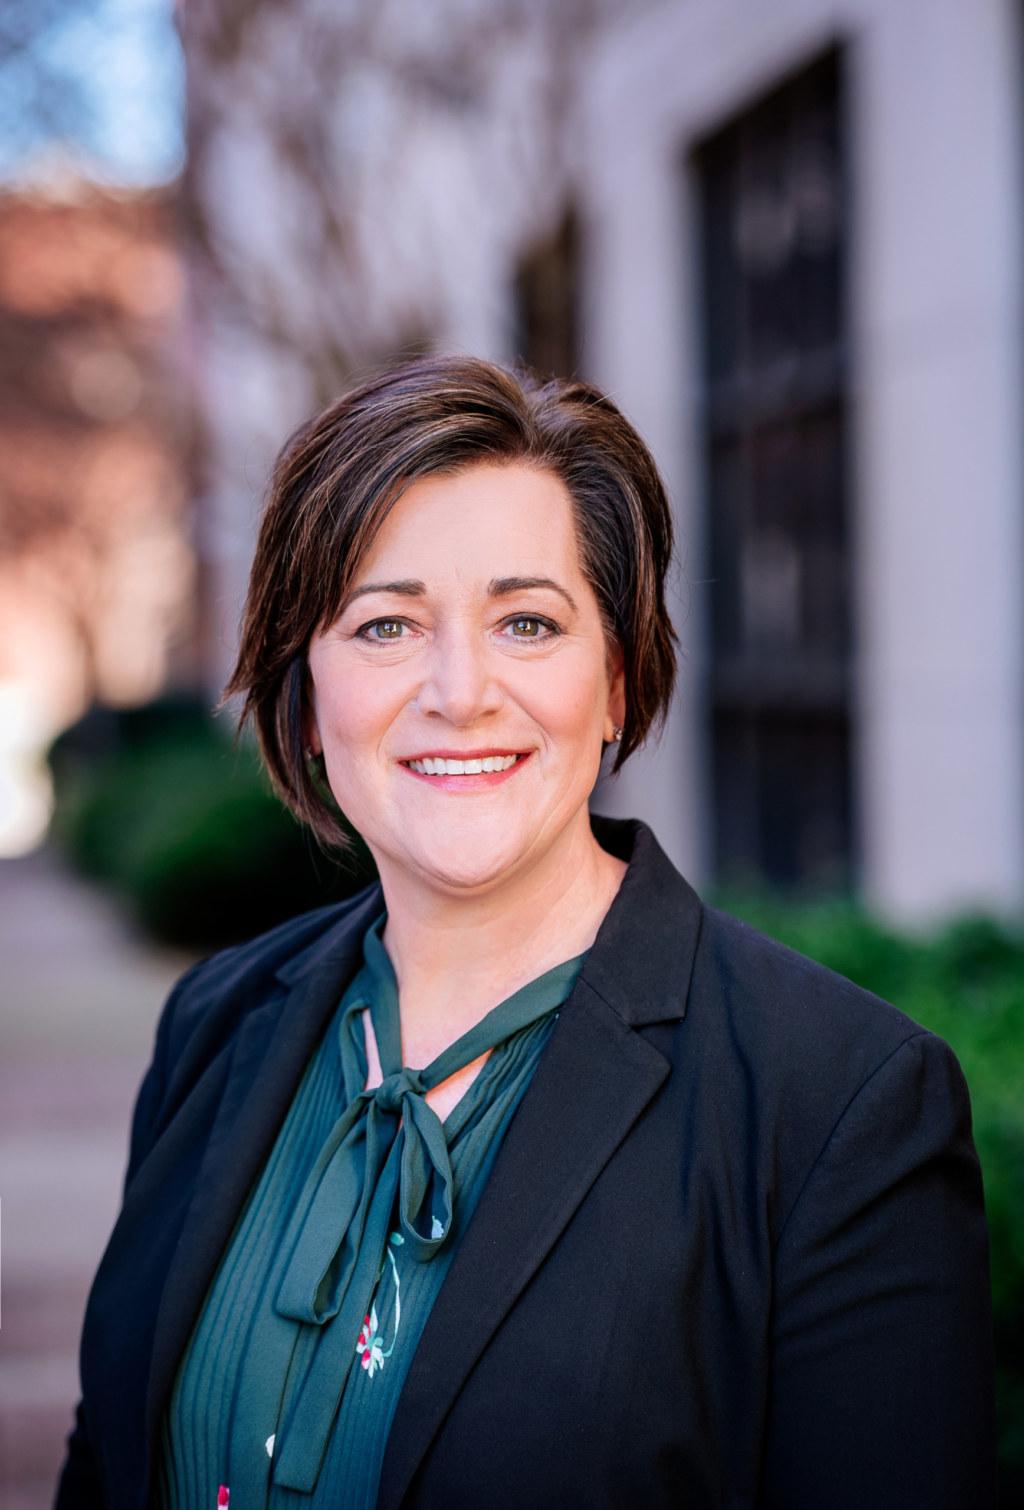 2021-Dr. Kelly Nichols